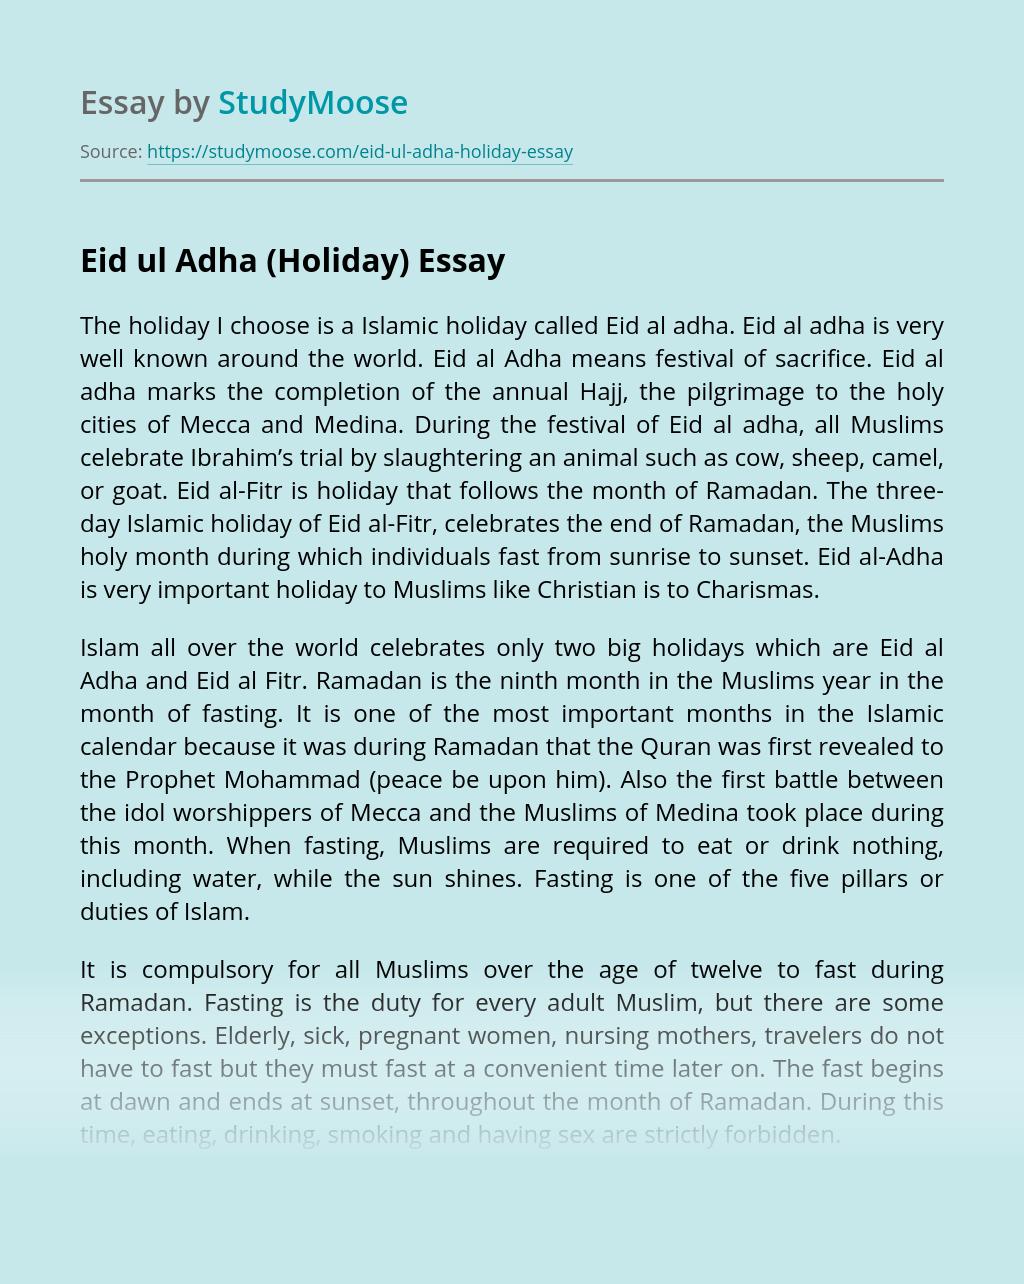 Eid ul Adha (Holiday)